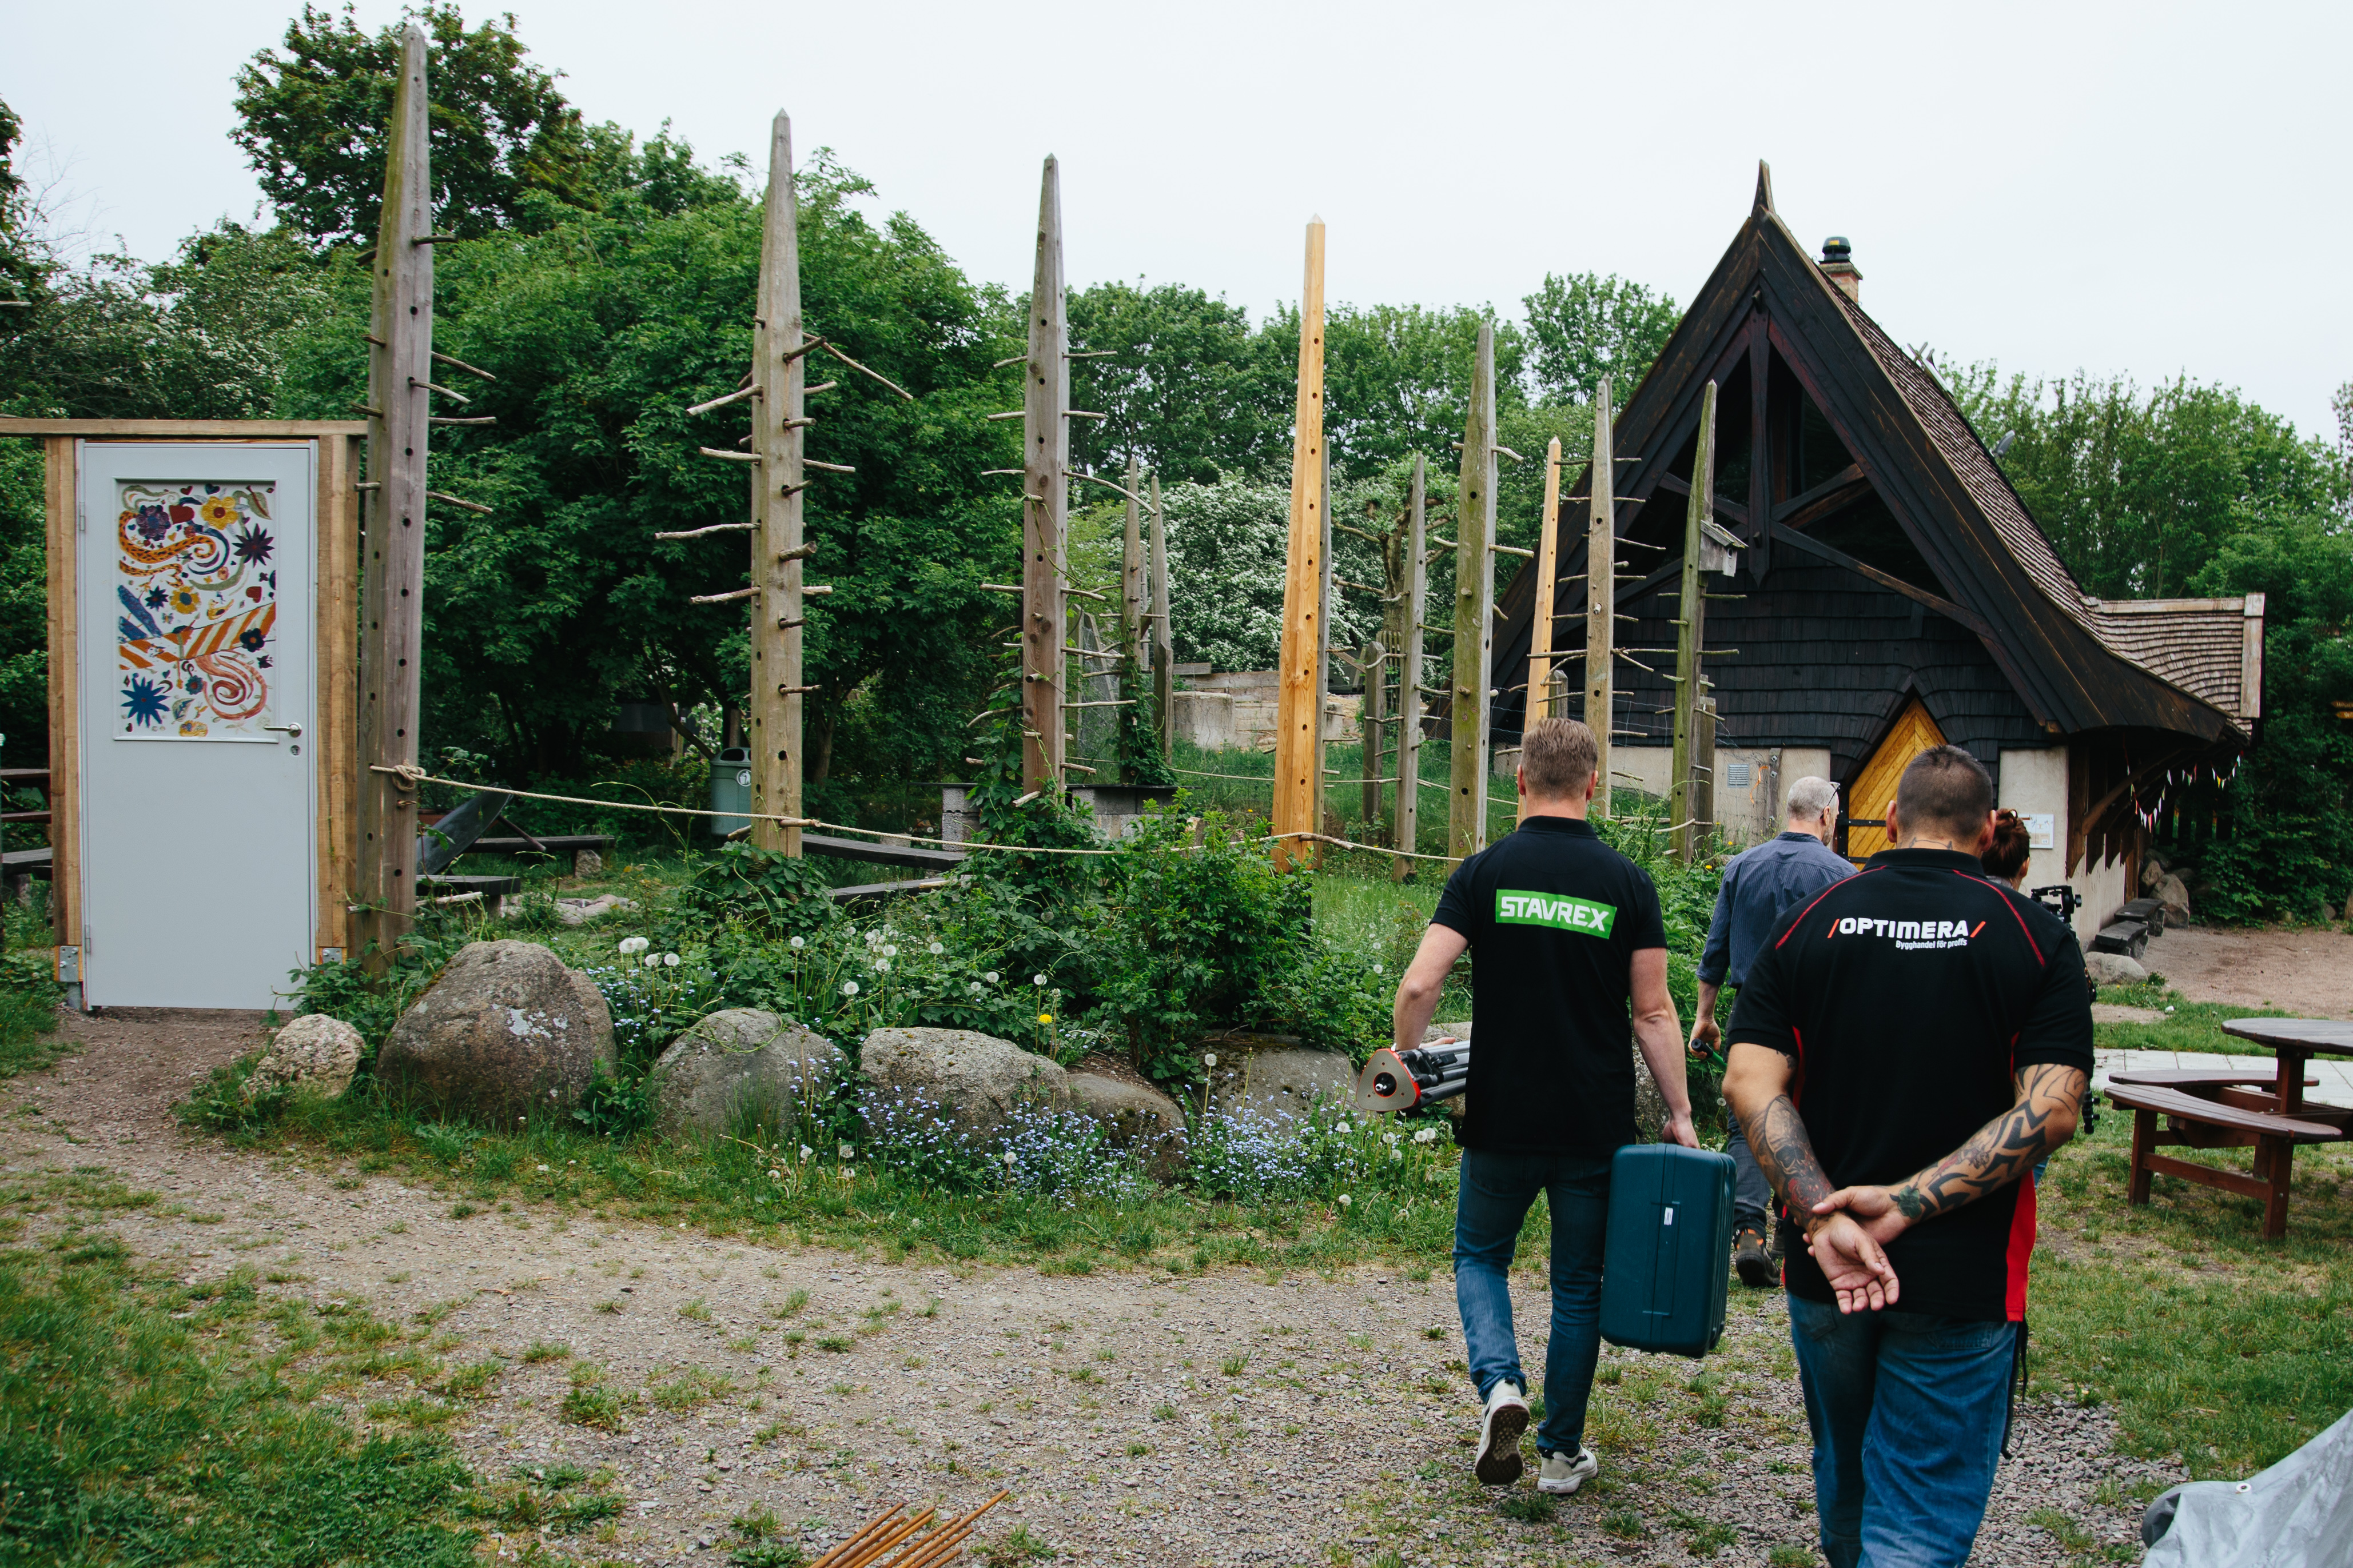 optimera och stavrex besöker markskruvsprojekt i lund